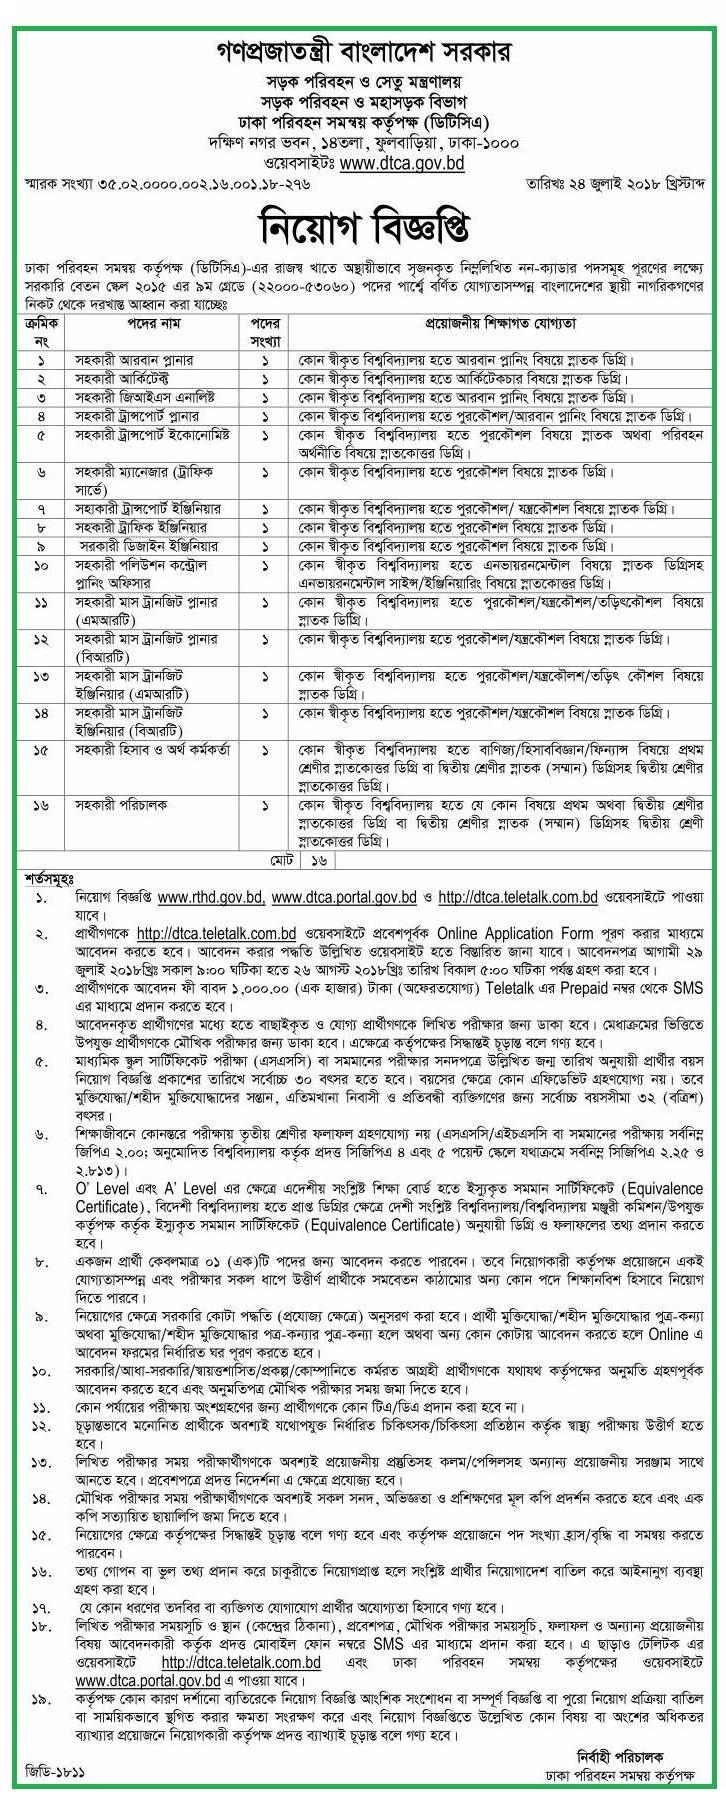 Dhaka Transport Coordination Authority DTCA Job Circular 2018 ...